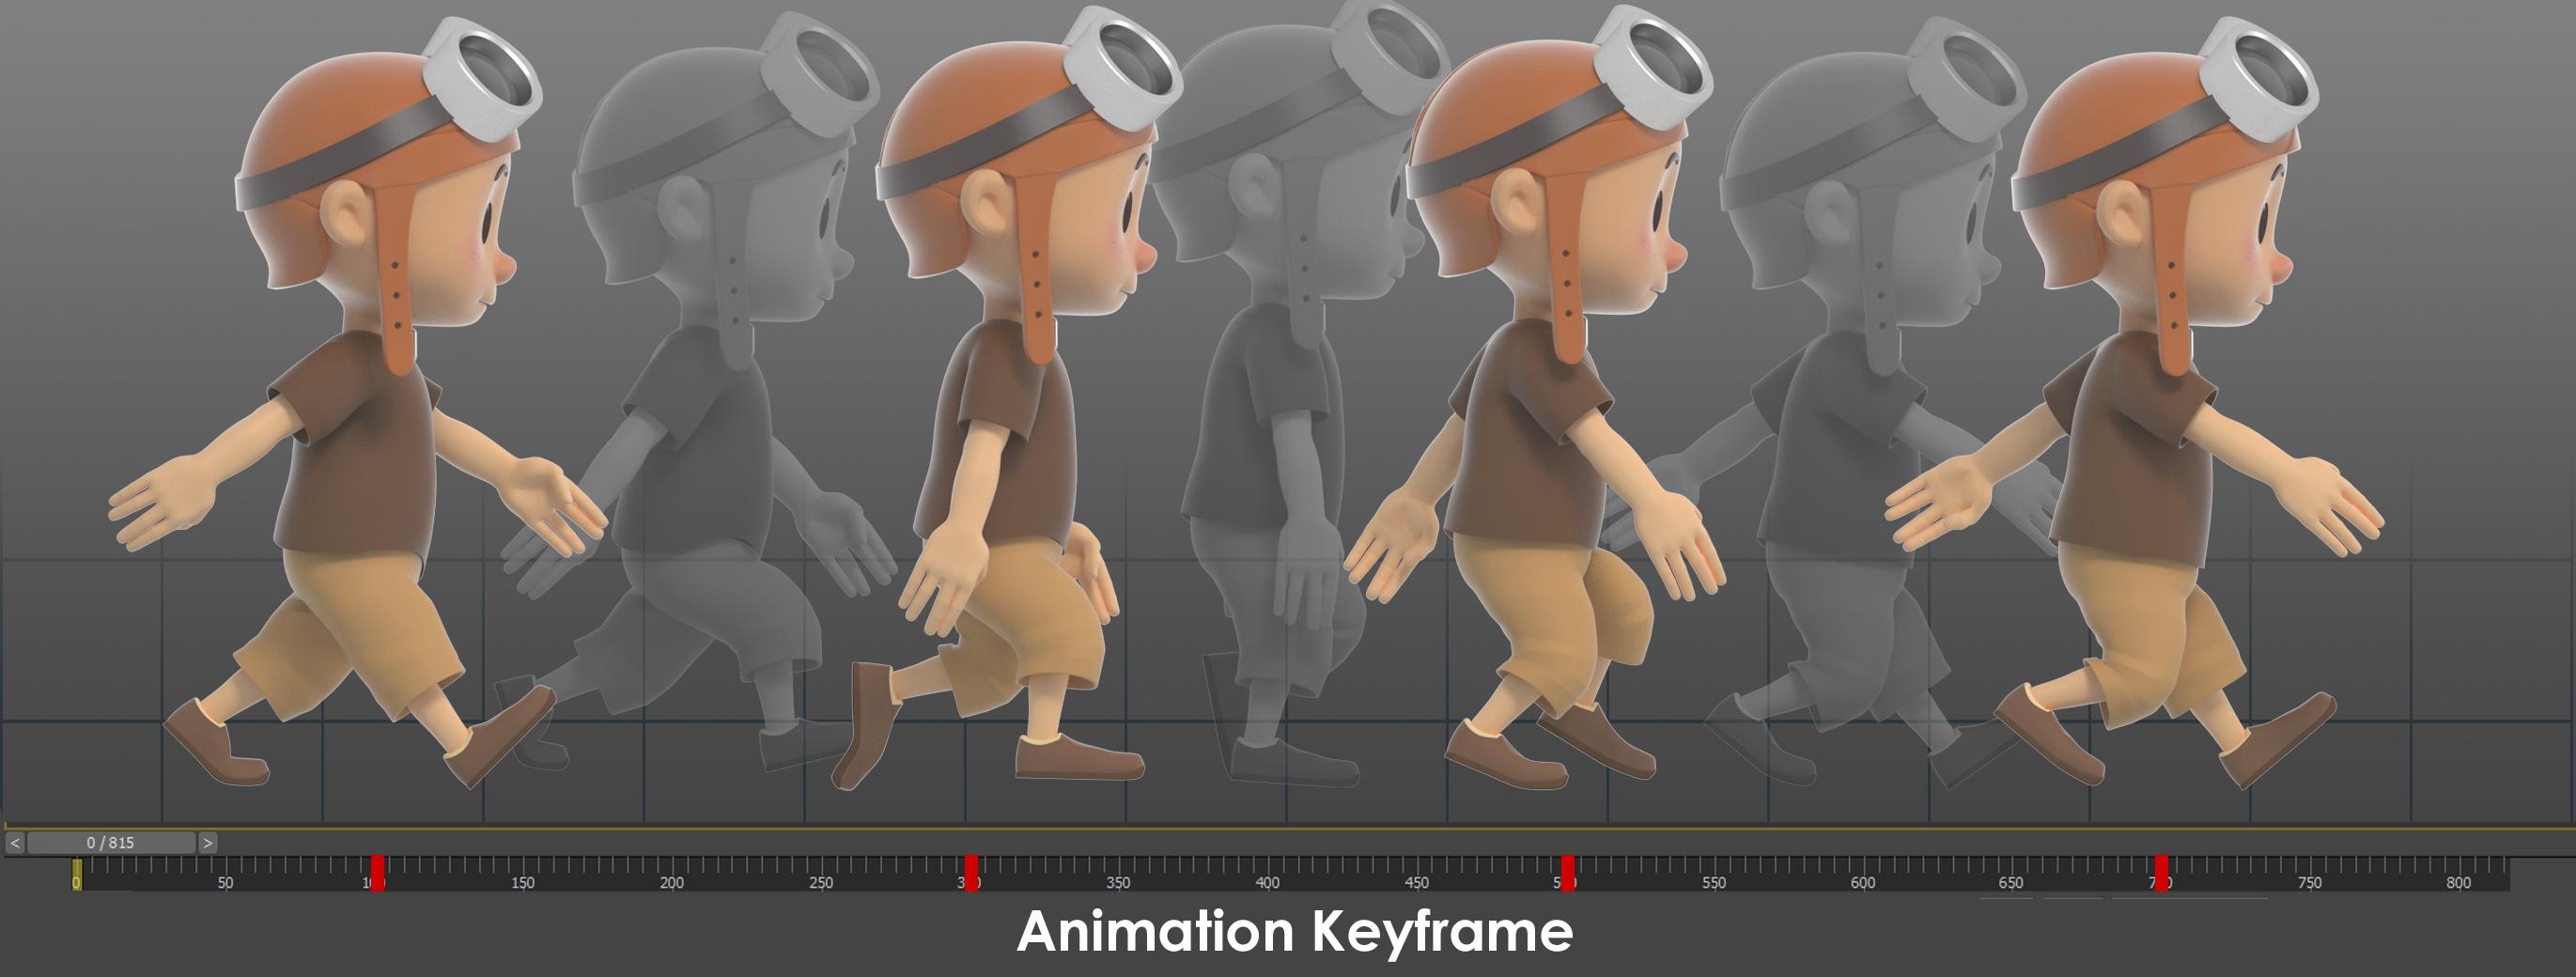 l'animation keyframe